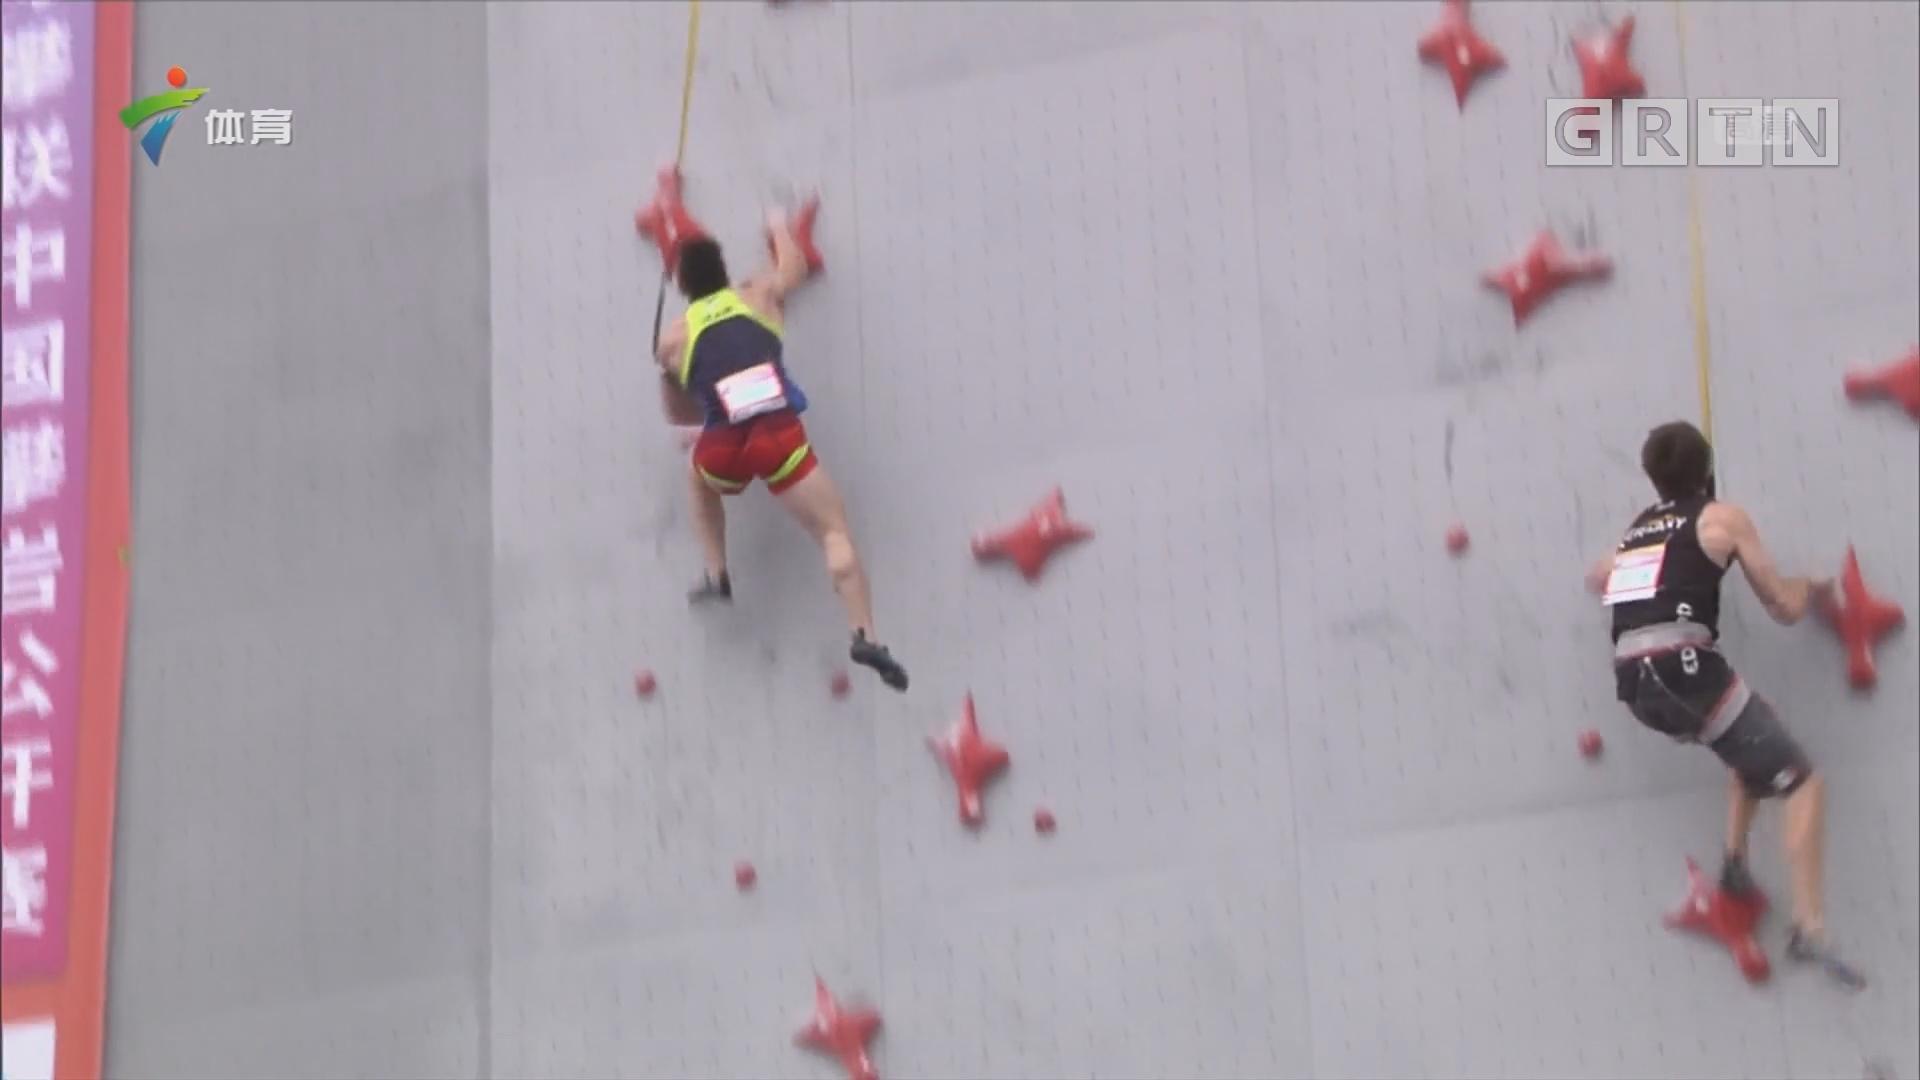 攀岩公开赛速度半决赛 中国选手顺利晋级